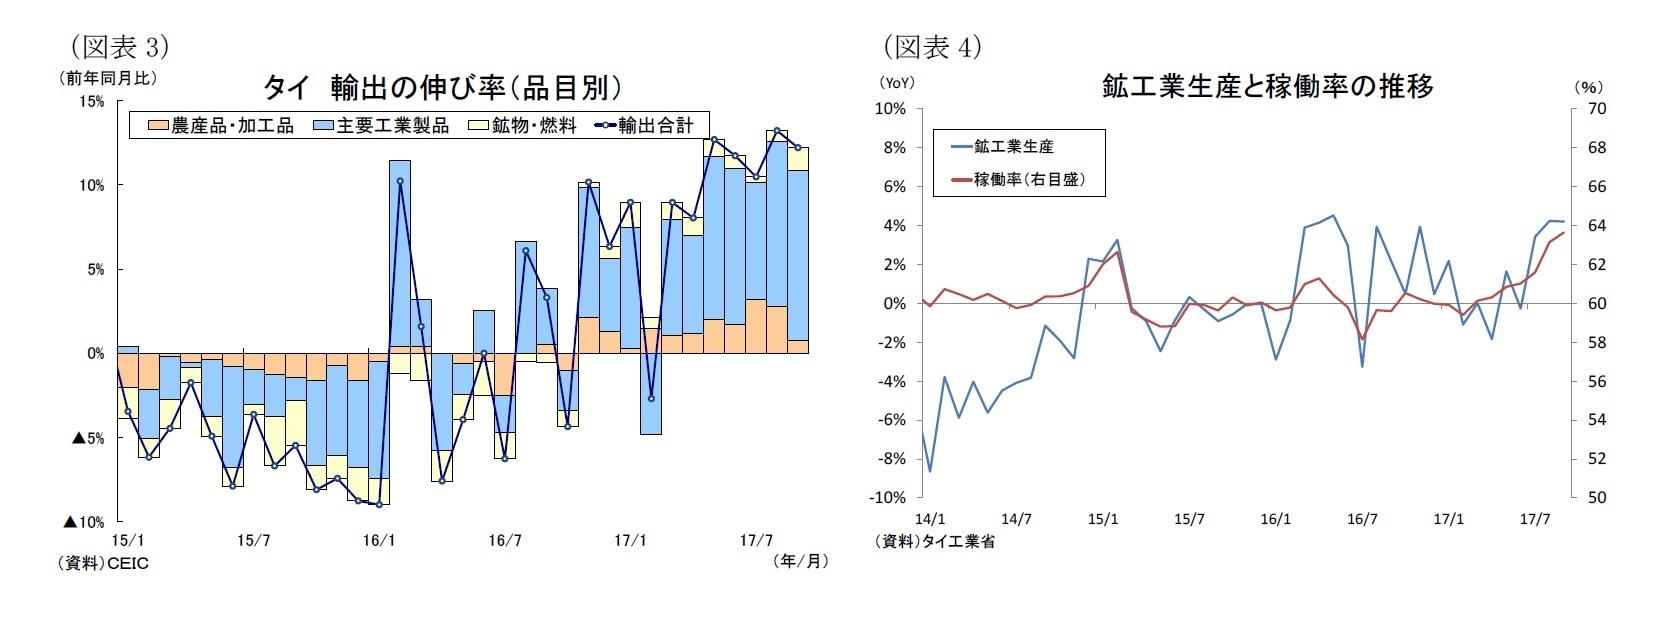 (図表3)タイ輸出の伸び率(品目別)/(図表4)鉱工業生産と稼働率の推移